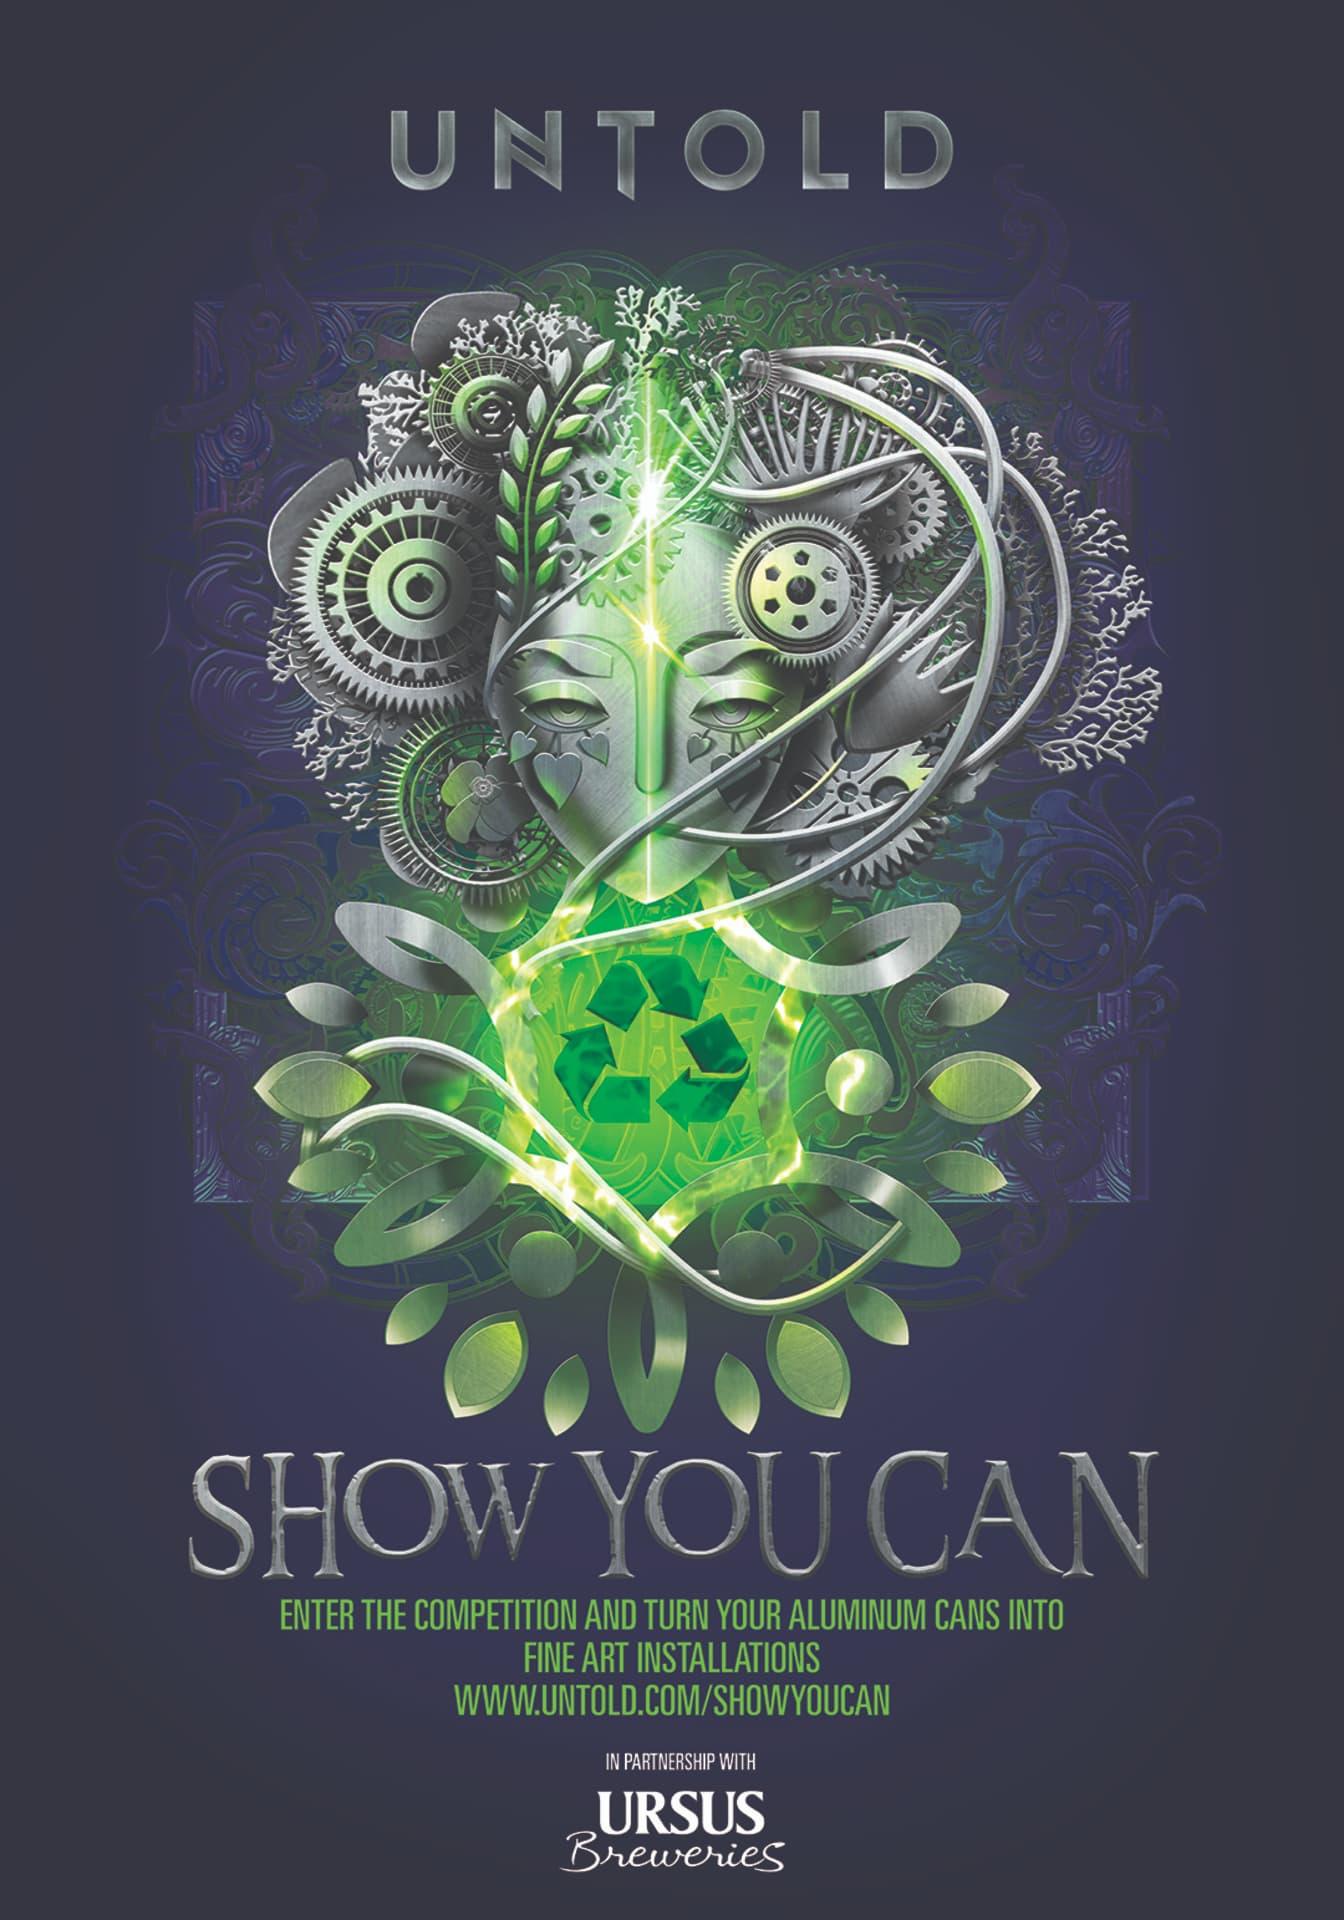 """UNTOLD lansează astăzi competiția internațională """"SHOW YOU CAN"""", pe tema reciclării"""